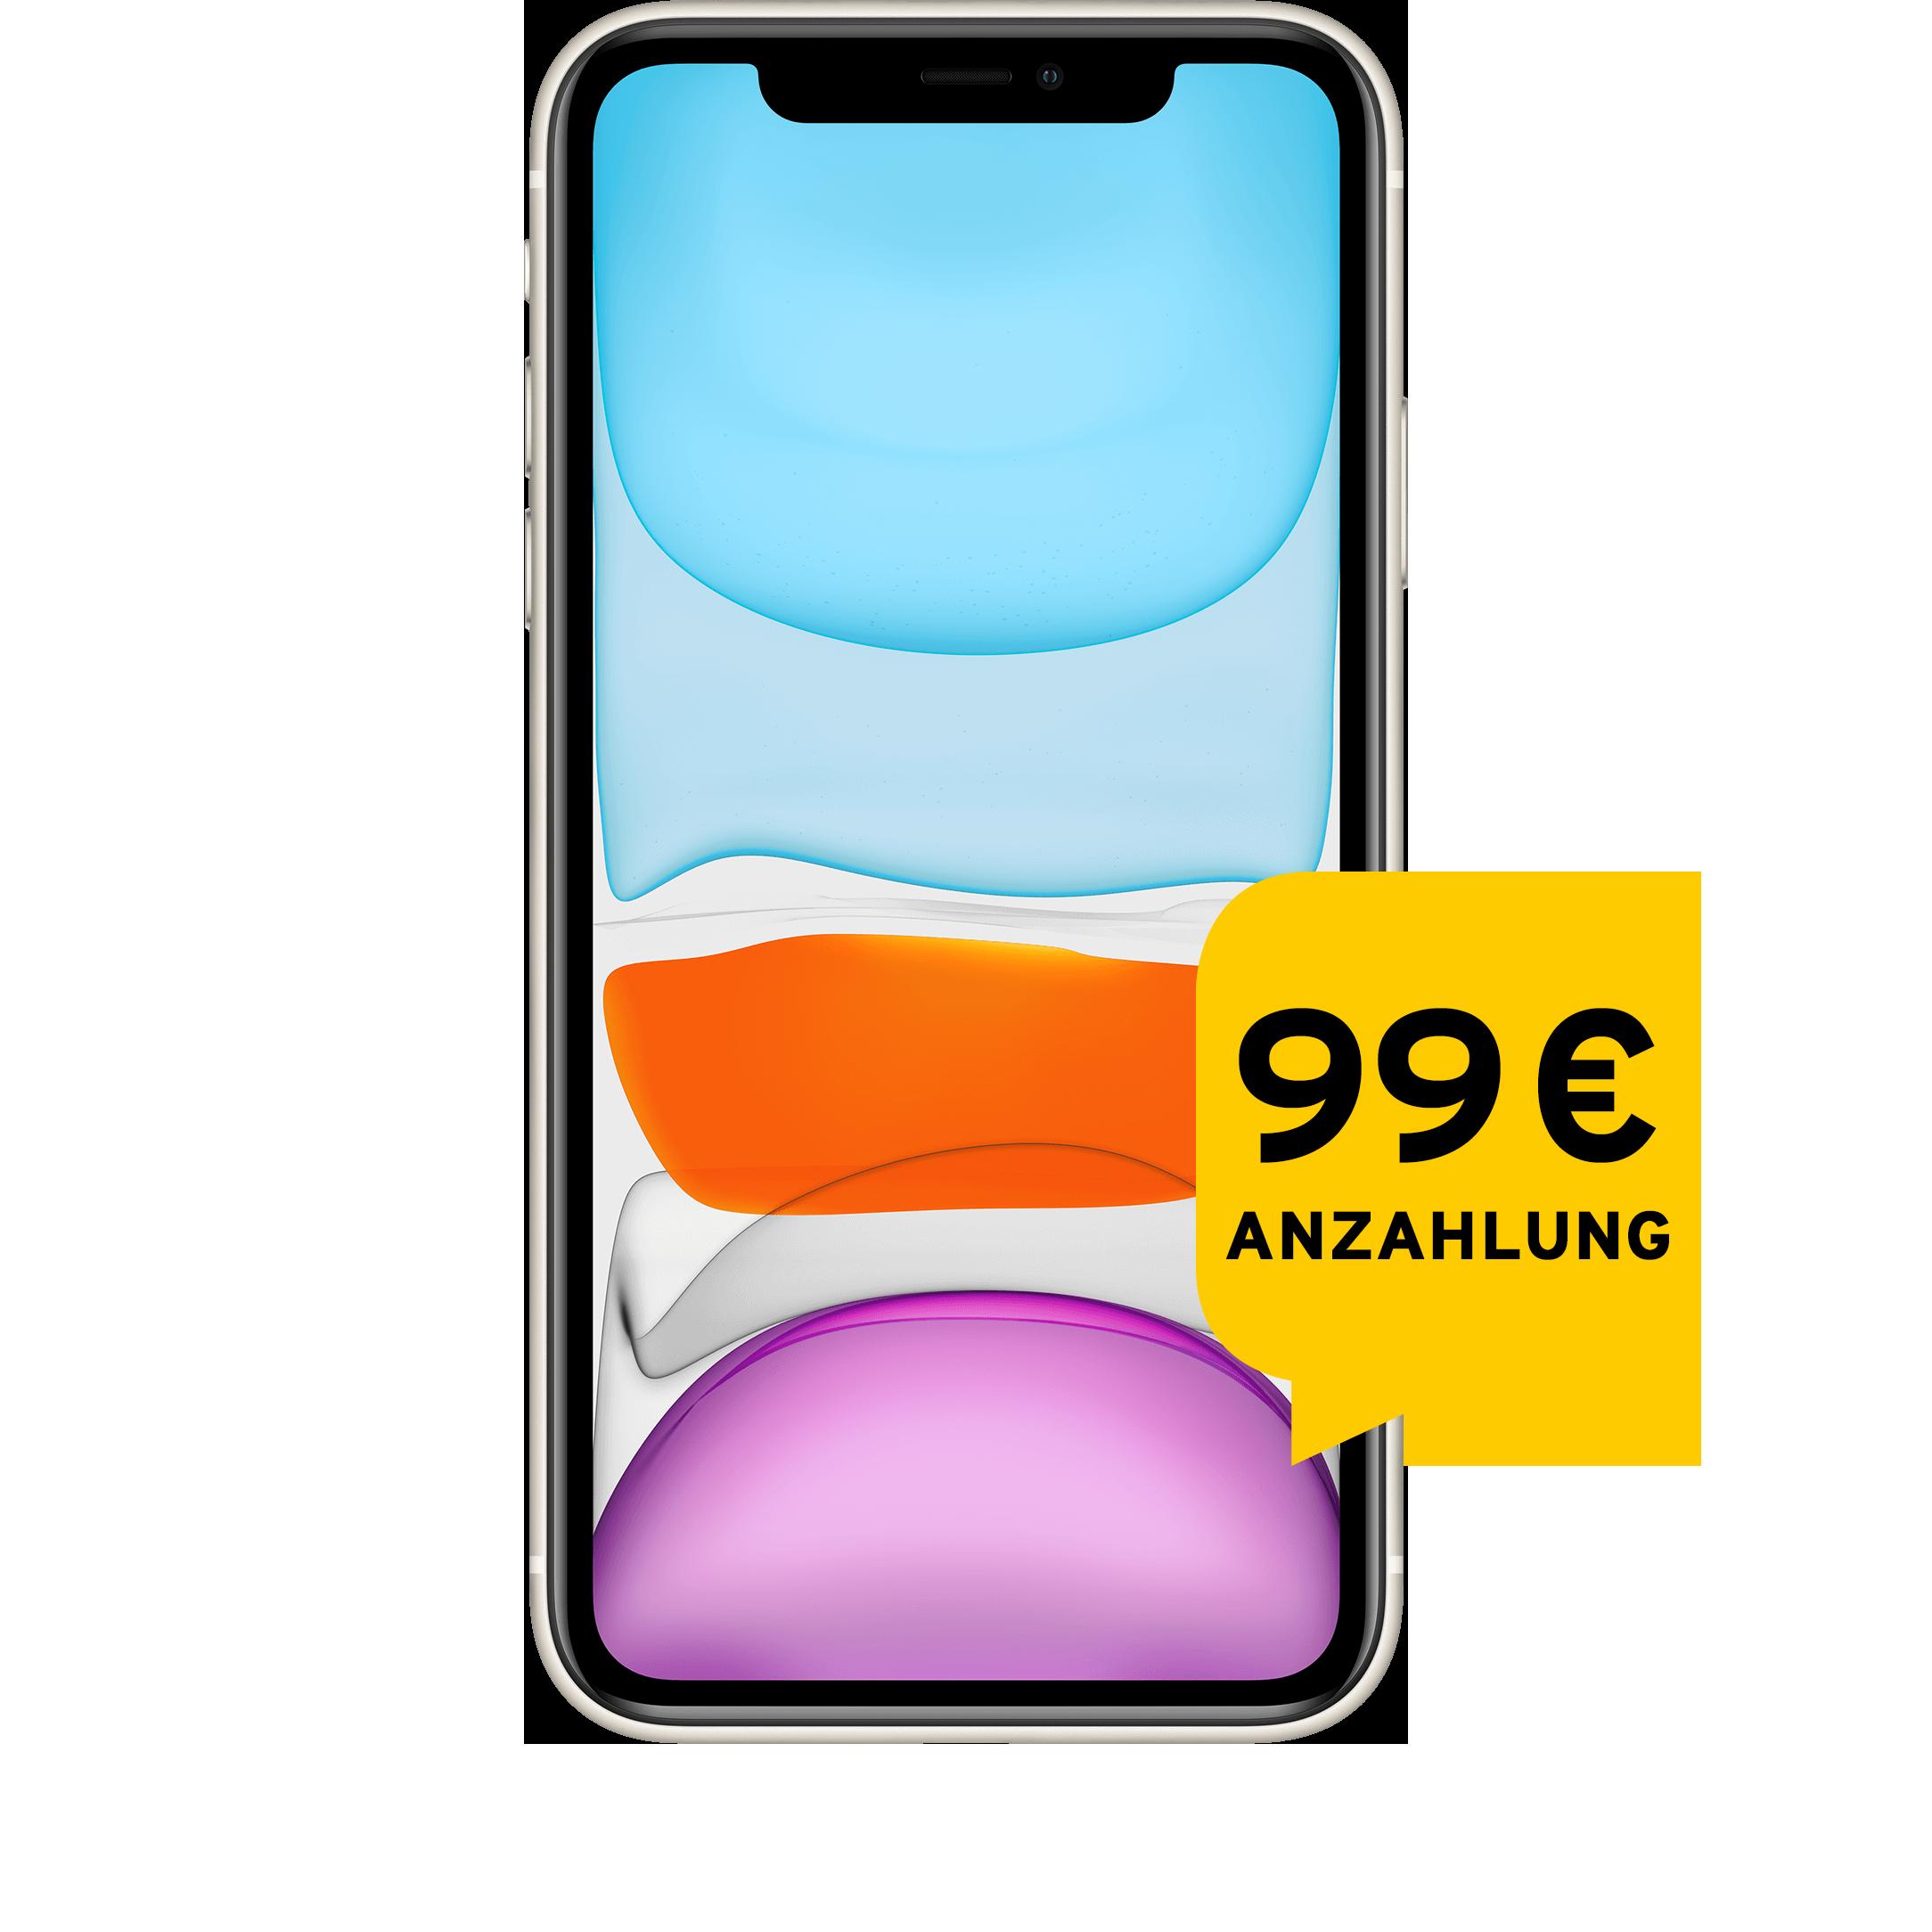 Günstig Kaufen beim Preisvergleich-Apple iPhone 11 64 GB weiß Aktion mit Allnet Flat L